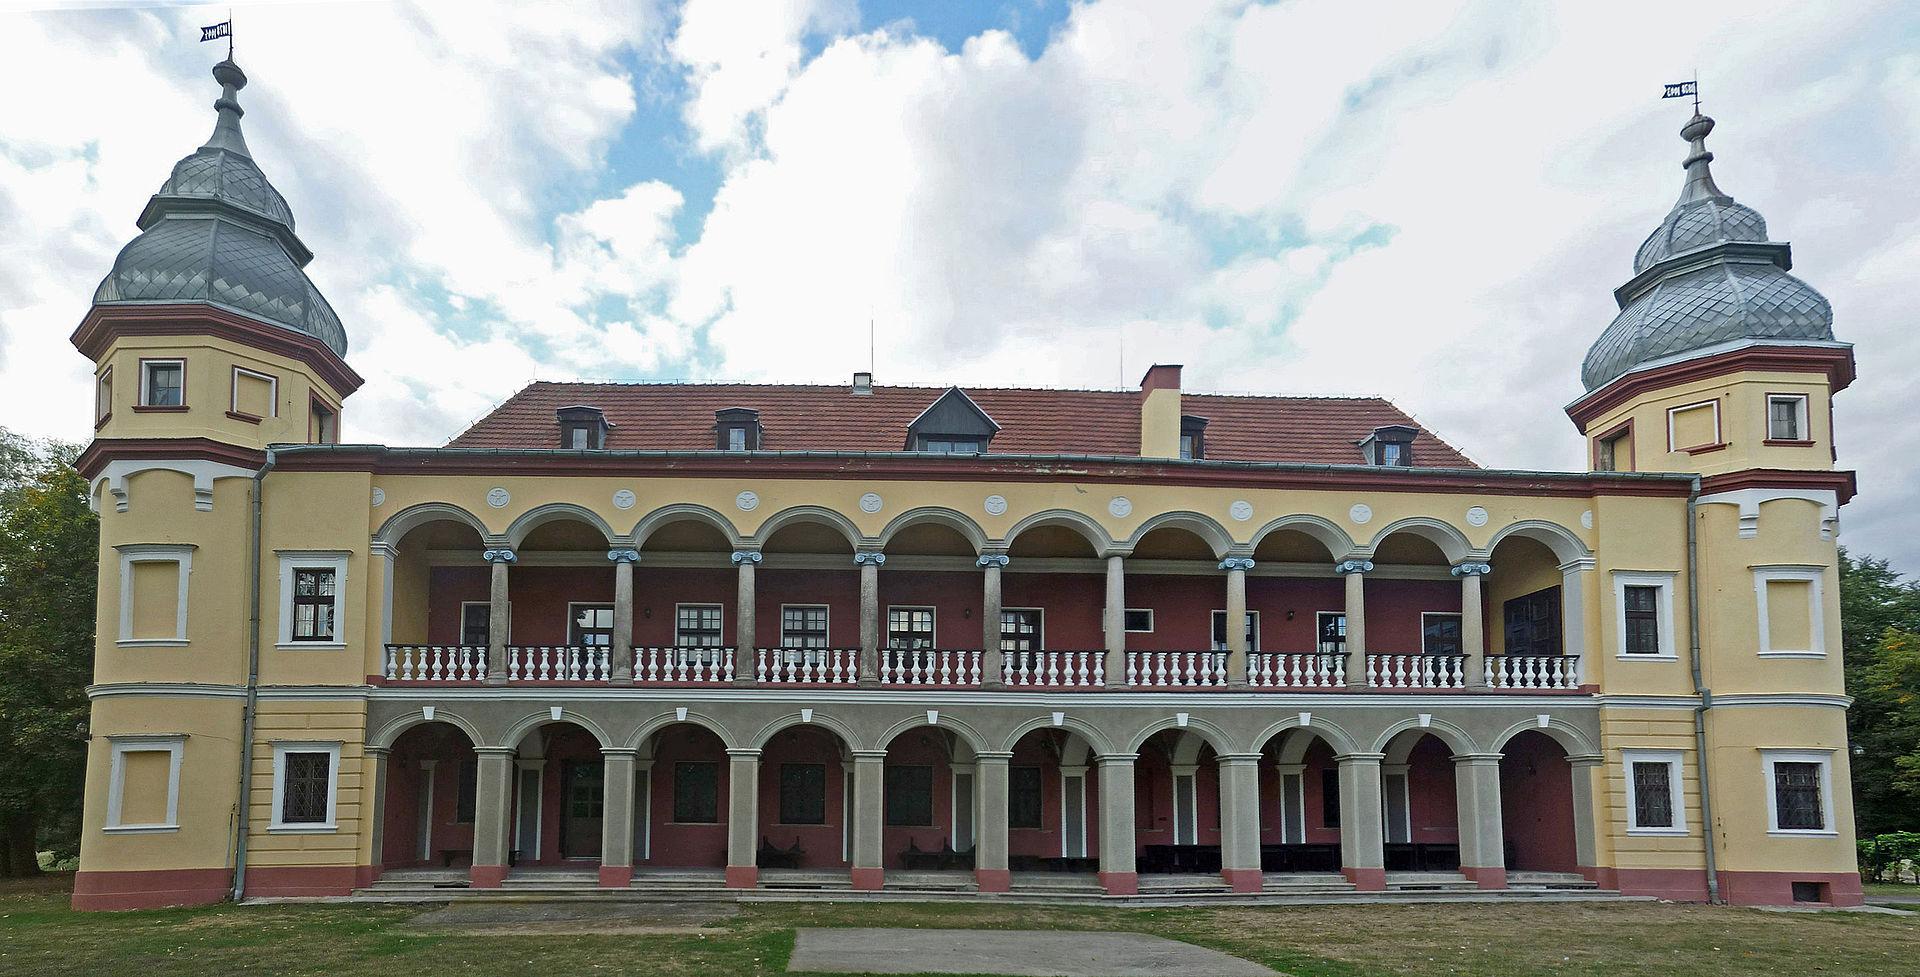 Bild Schloss Krieblowitz